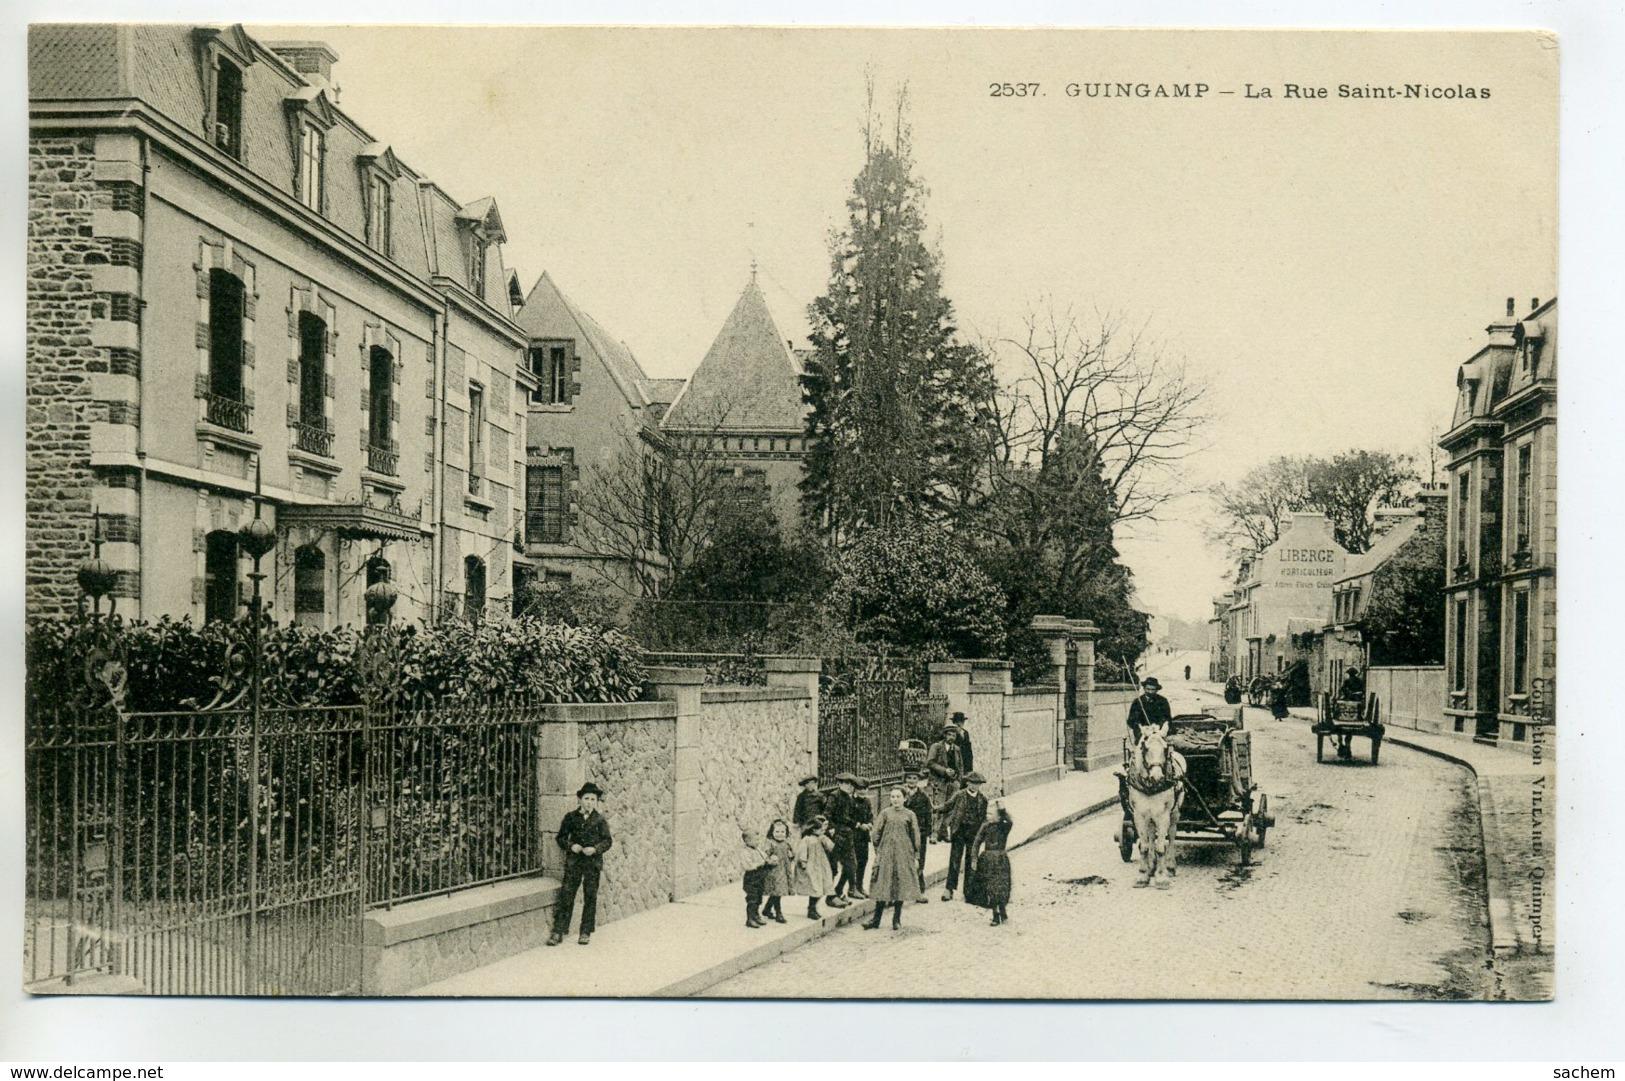 22 GUINGAMP La Rue Saint Nicolas Jolies Villas Attelege Cheval Livraison Anim  écrite Vers 1910      /D08-2017 - Guingamp